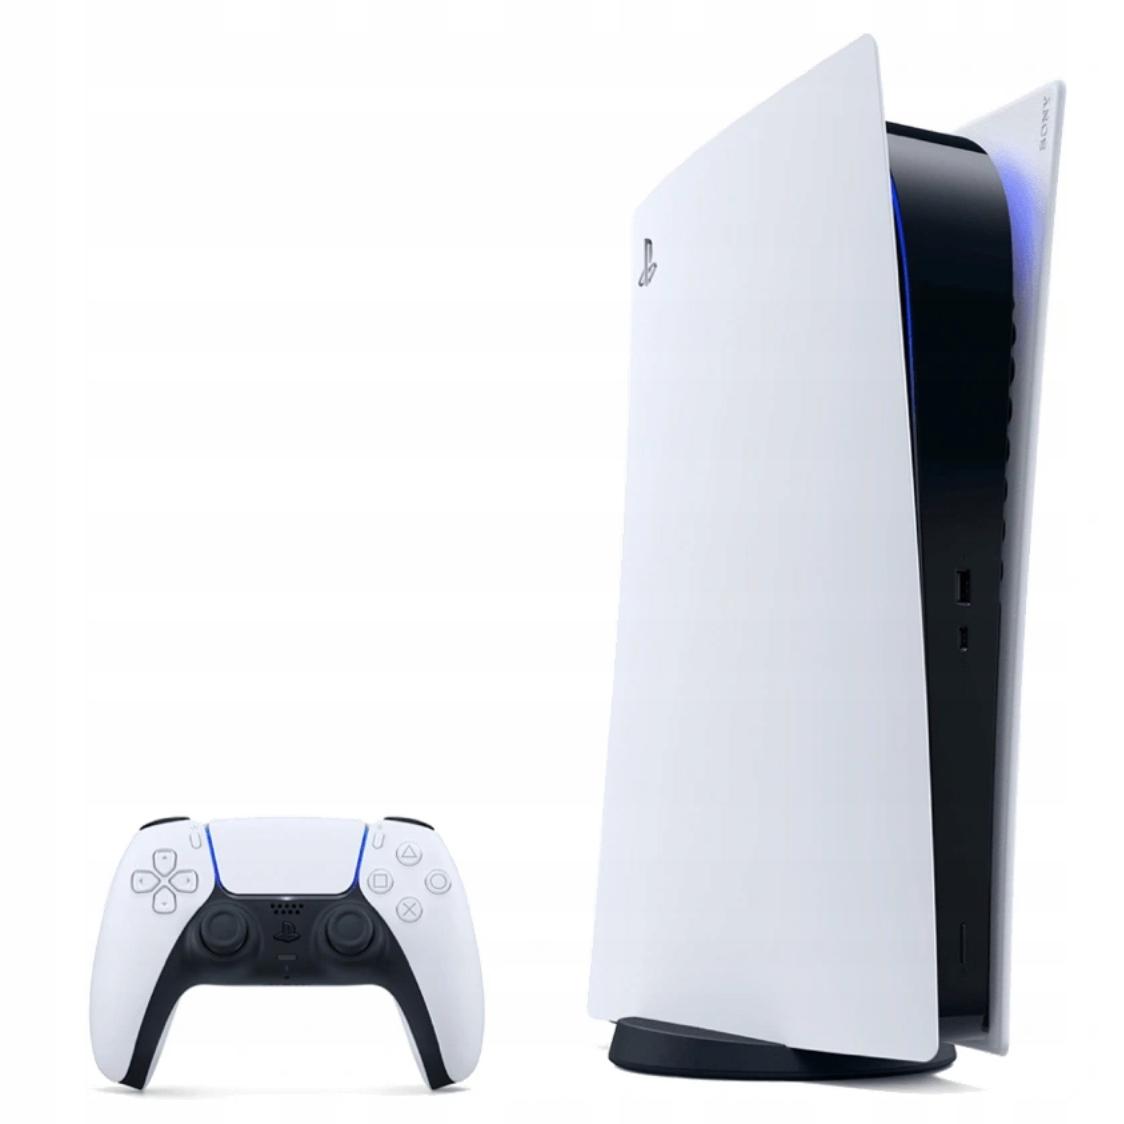 КОНСОЛЬ PLAYSTATION 5 PS5 825 ГБ 8K PAD DIGITAL